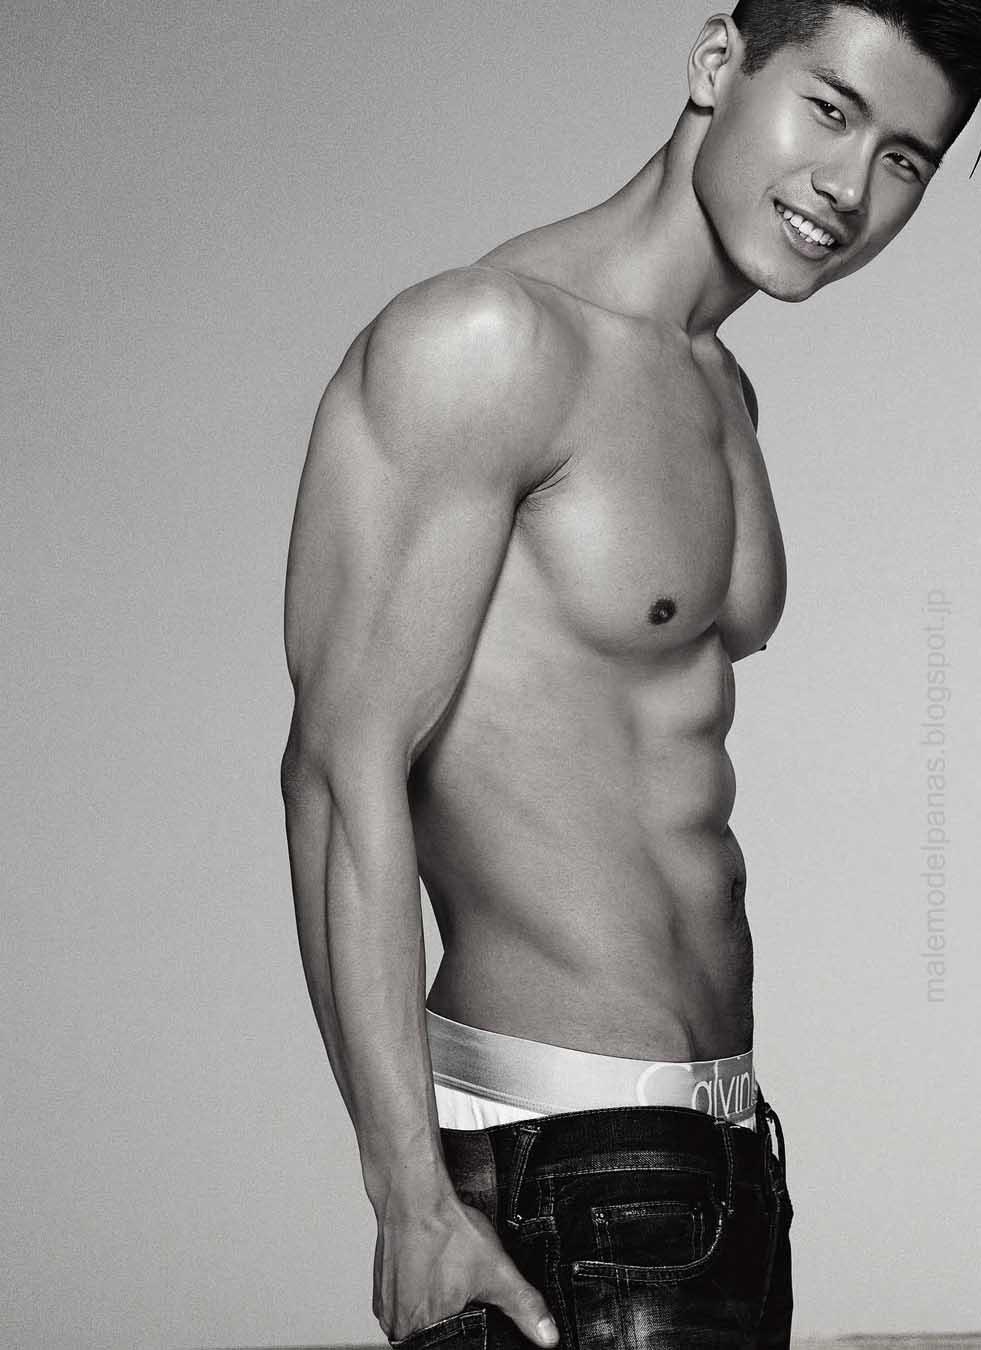 asian muscular men